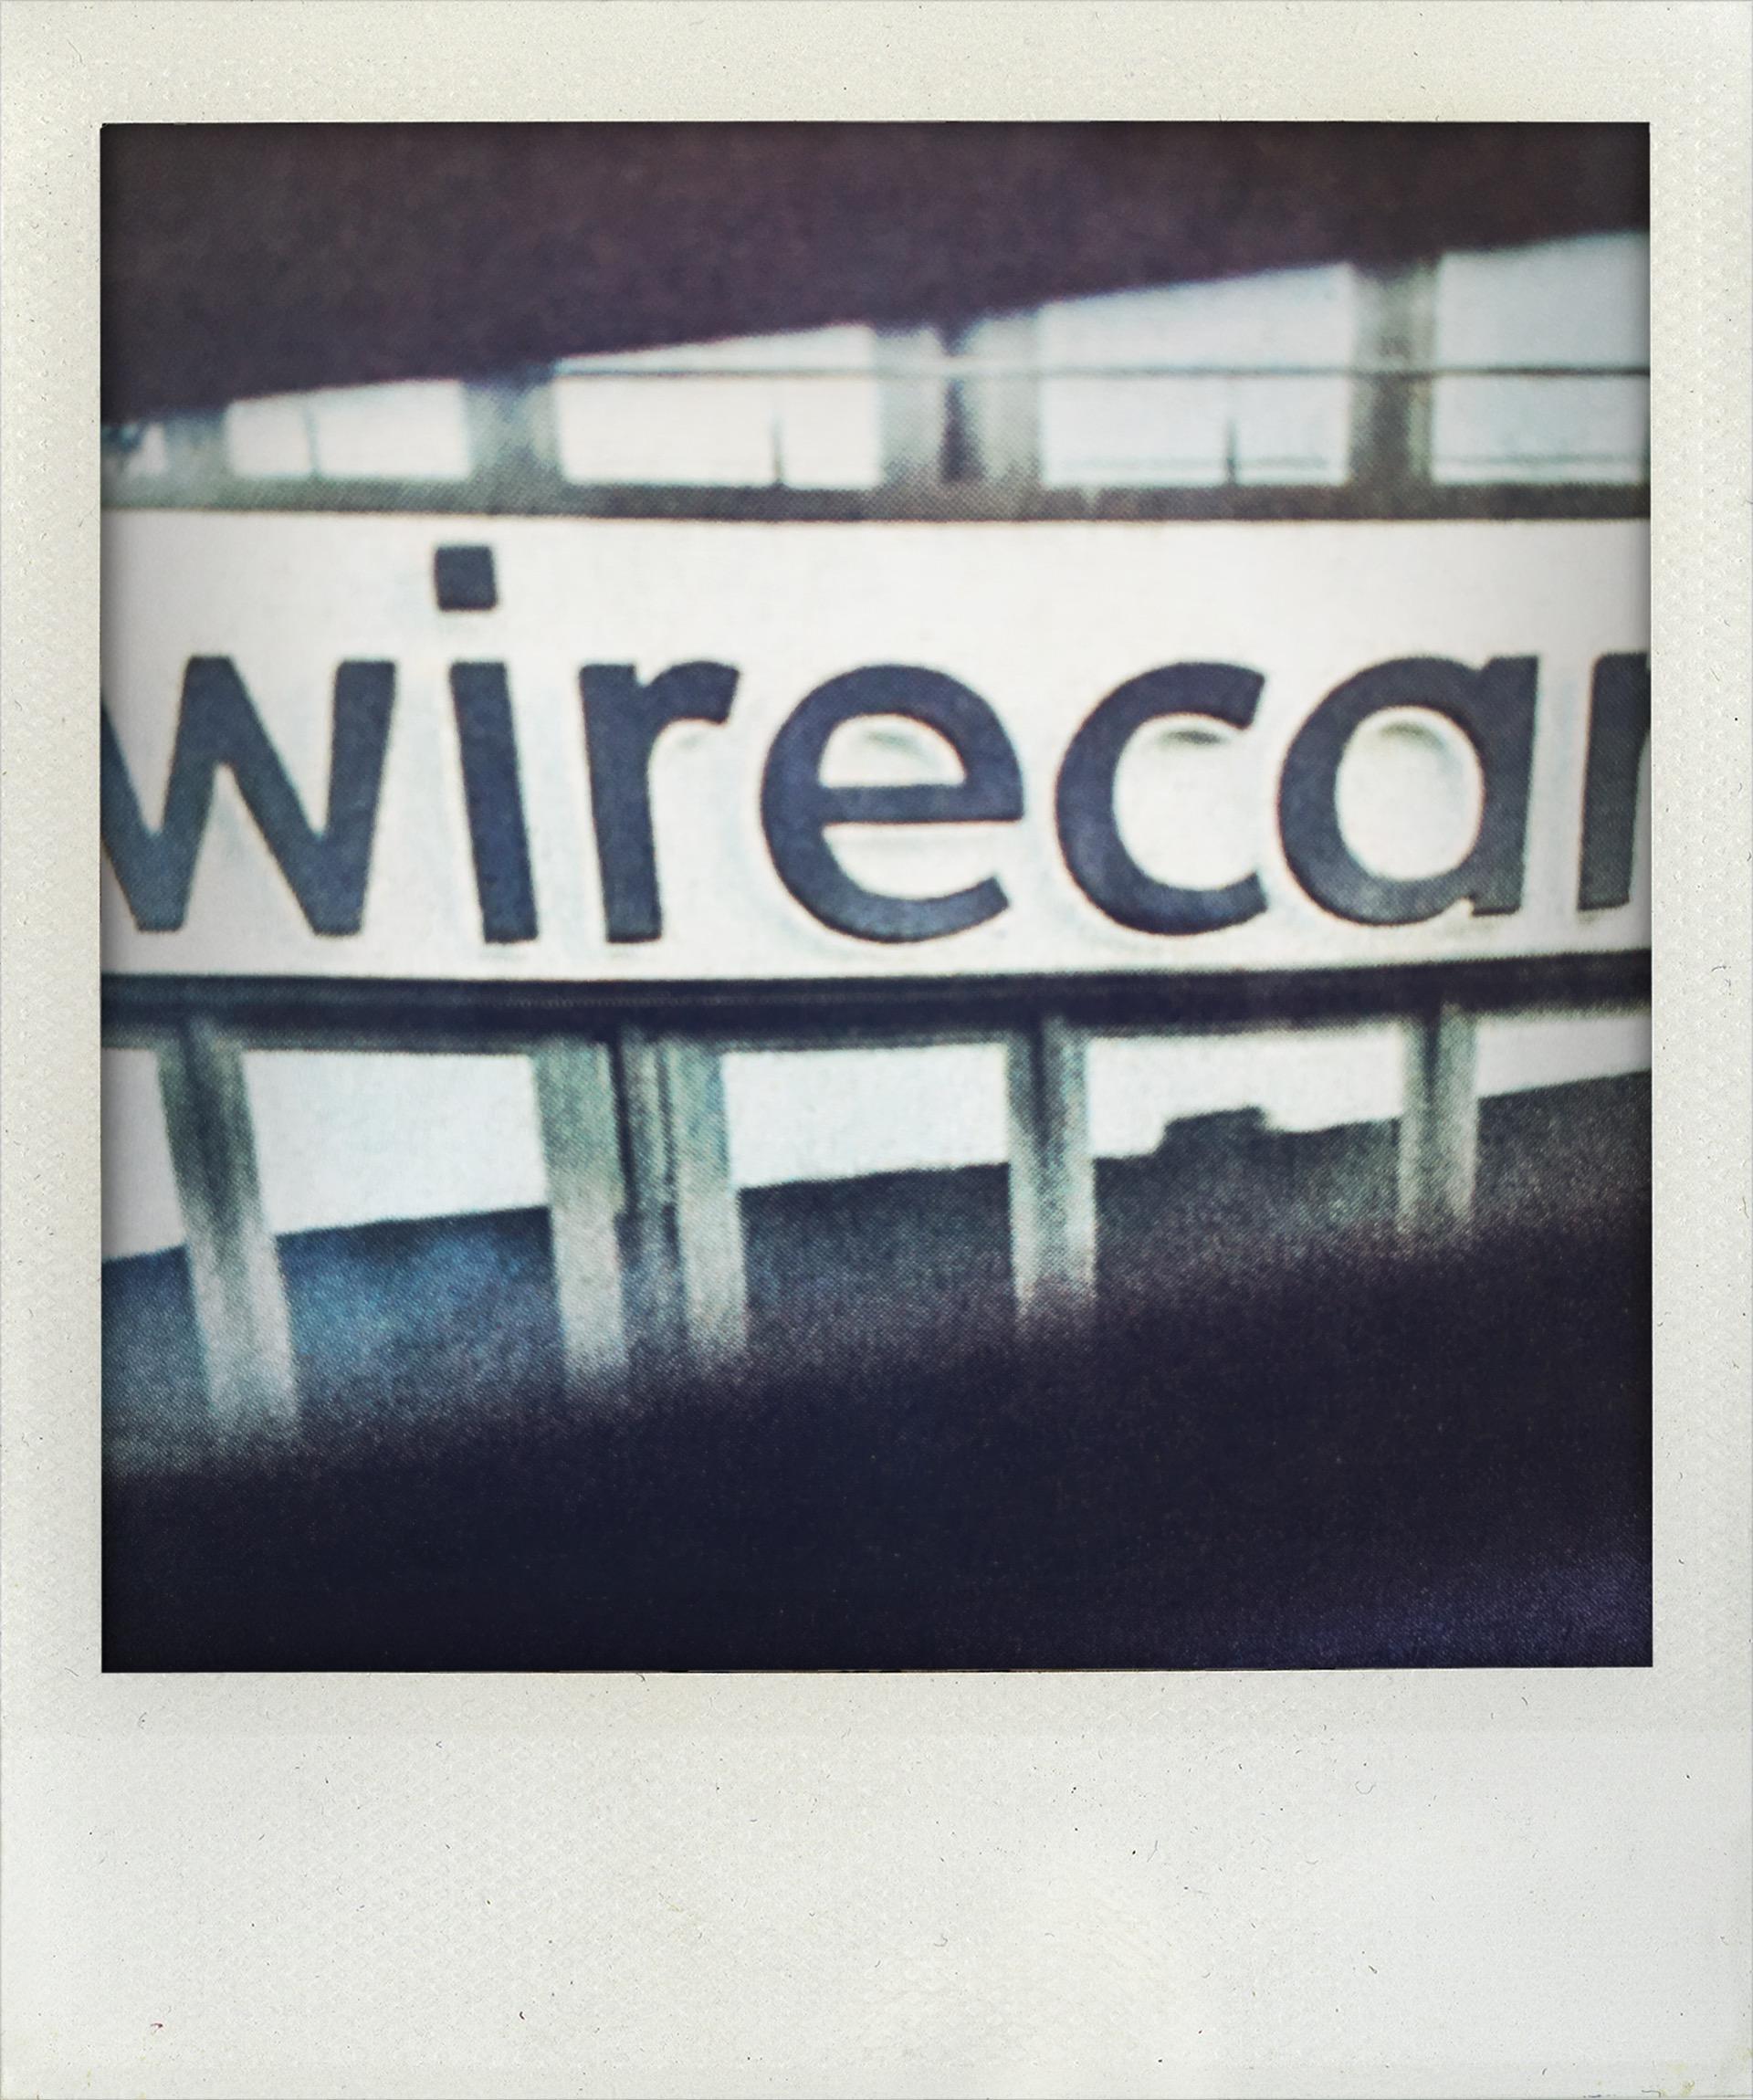 wirecard relevanz